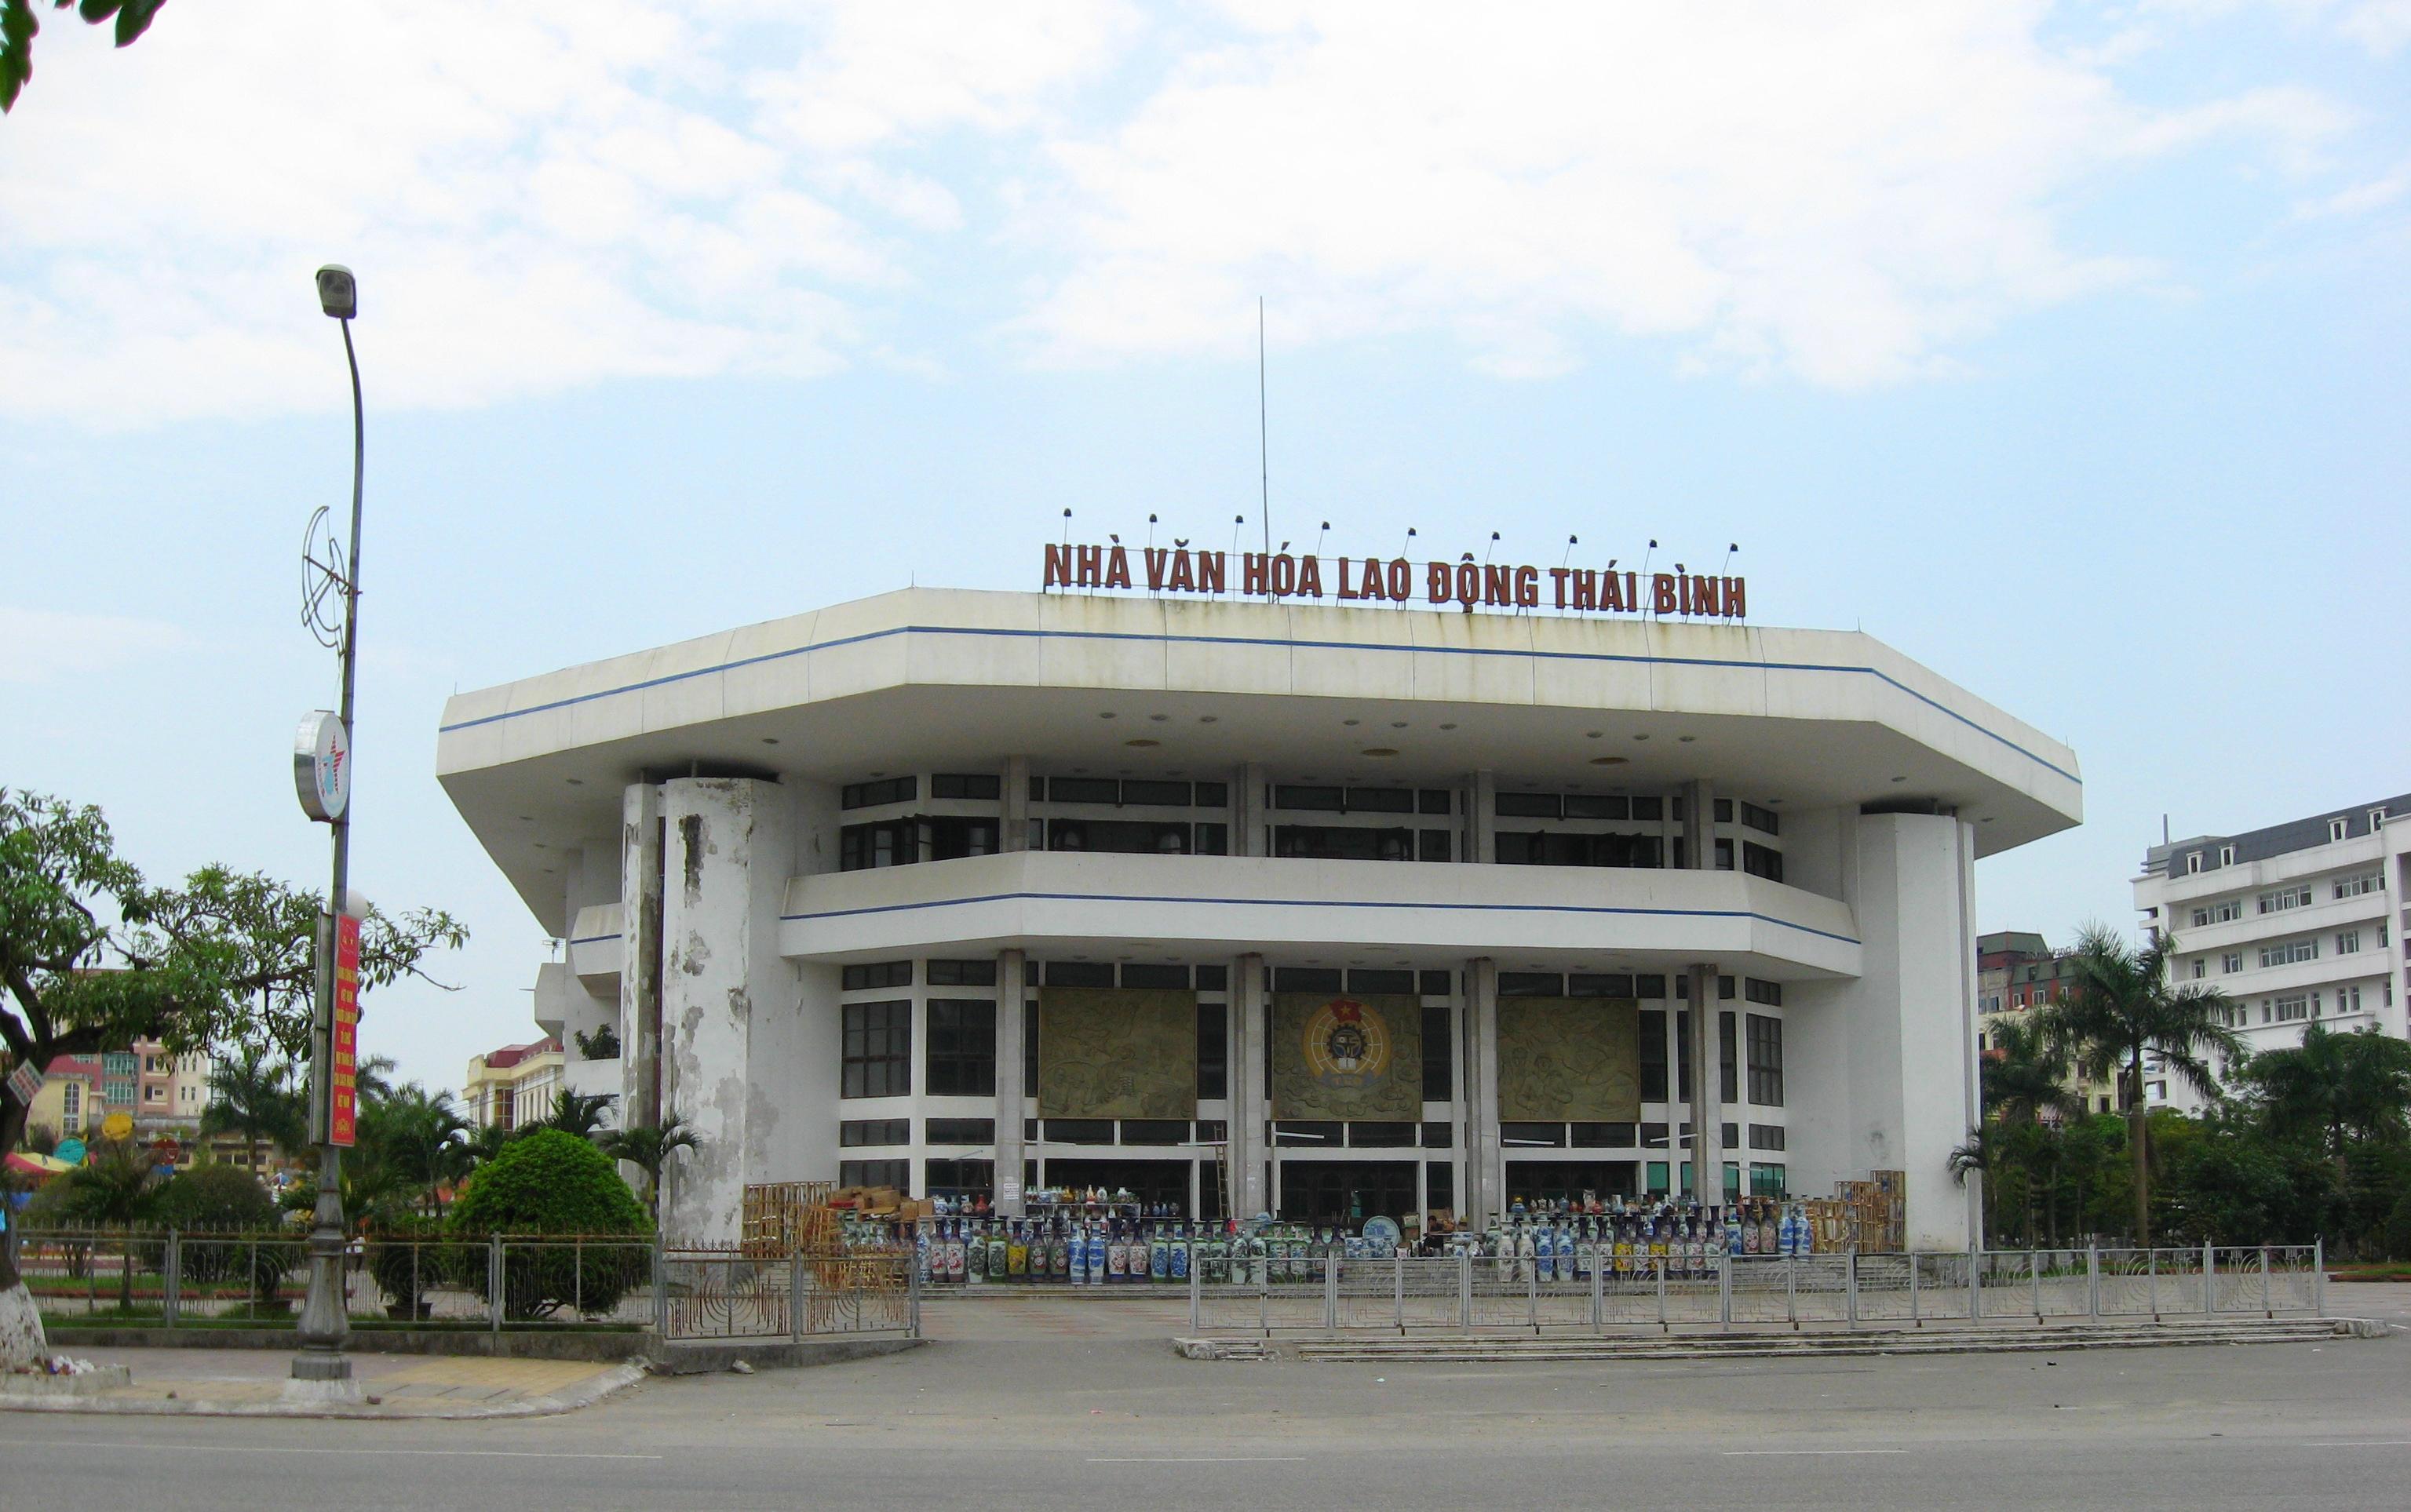 Bán nhớt Liqui Moly giá rẻ tại Thái Bình